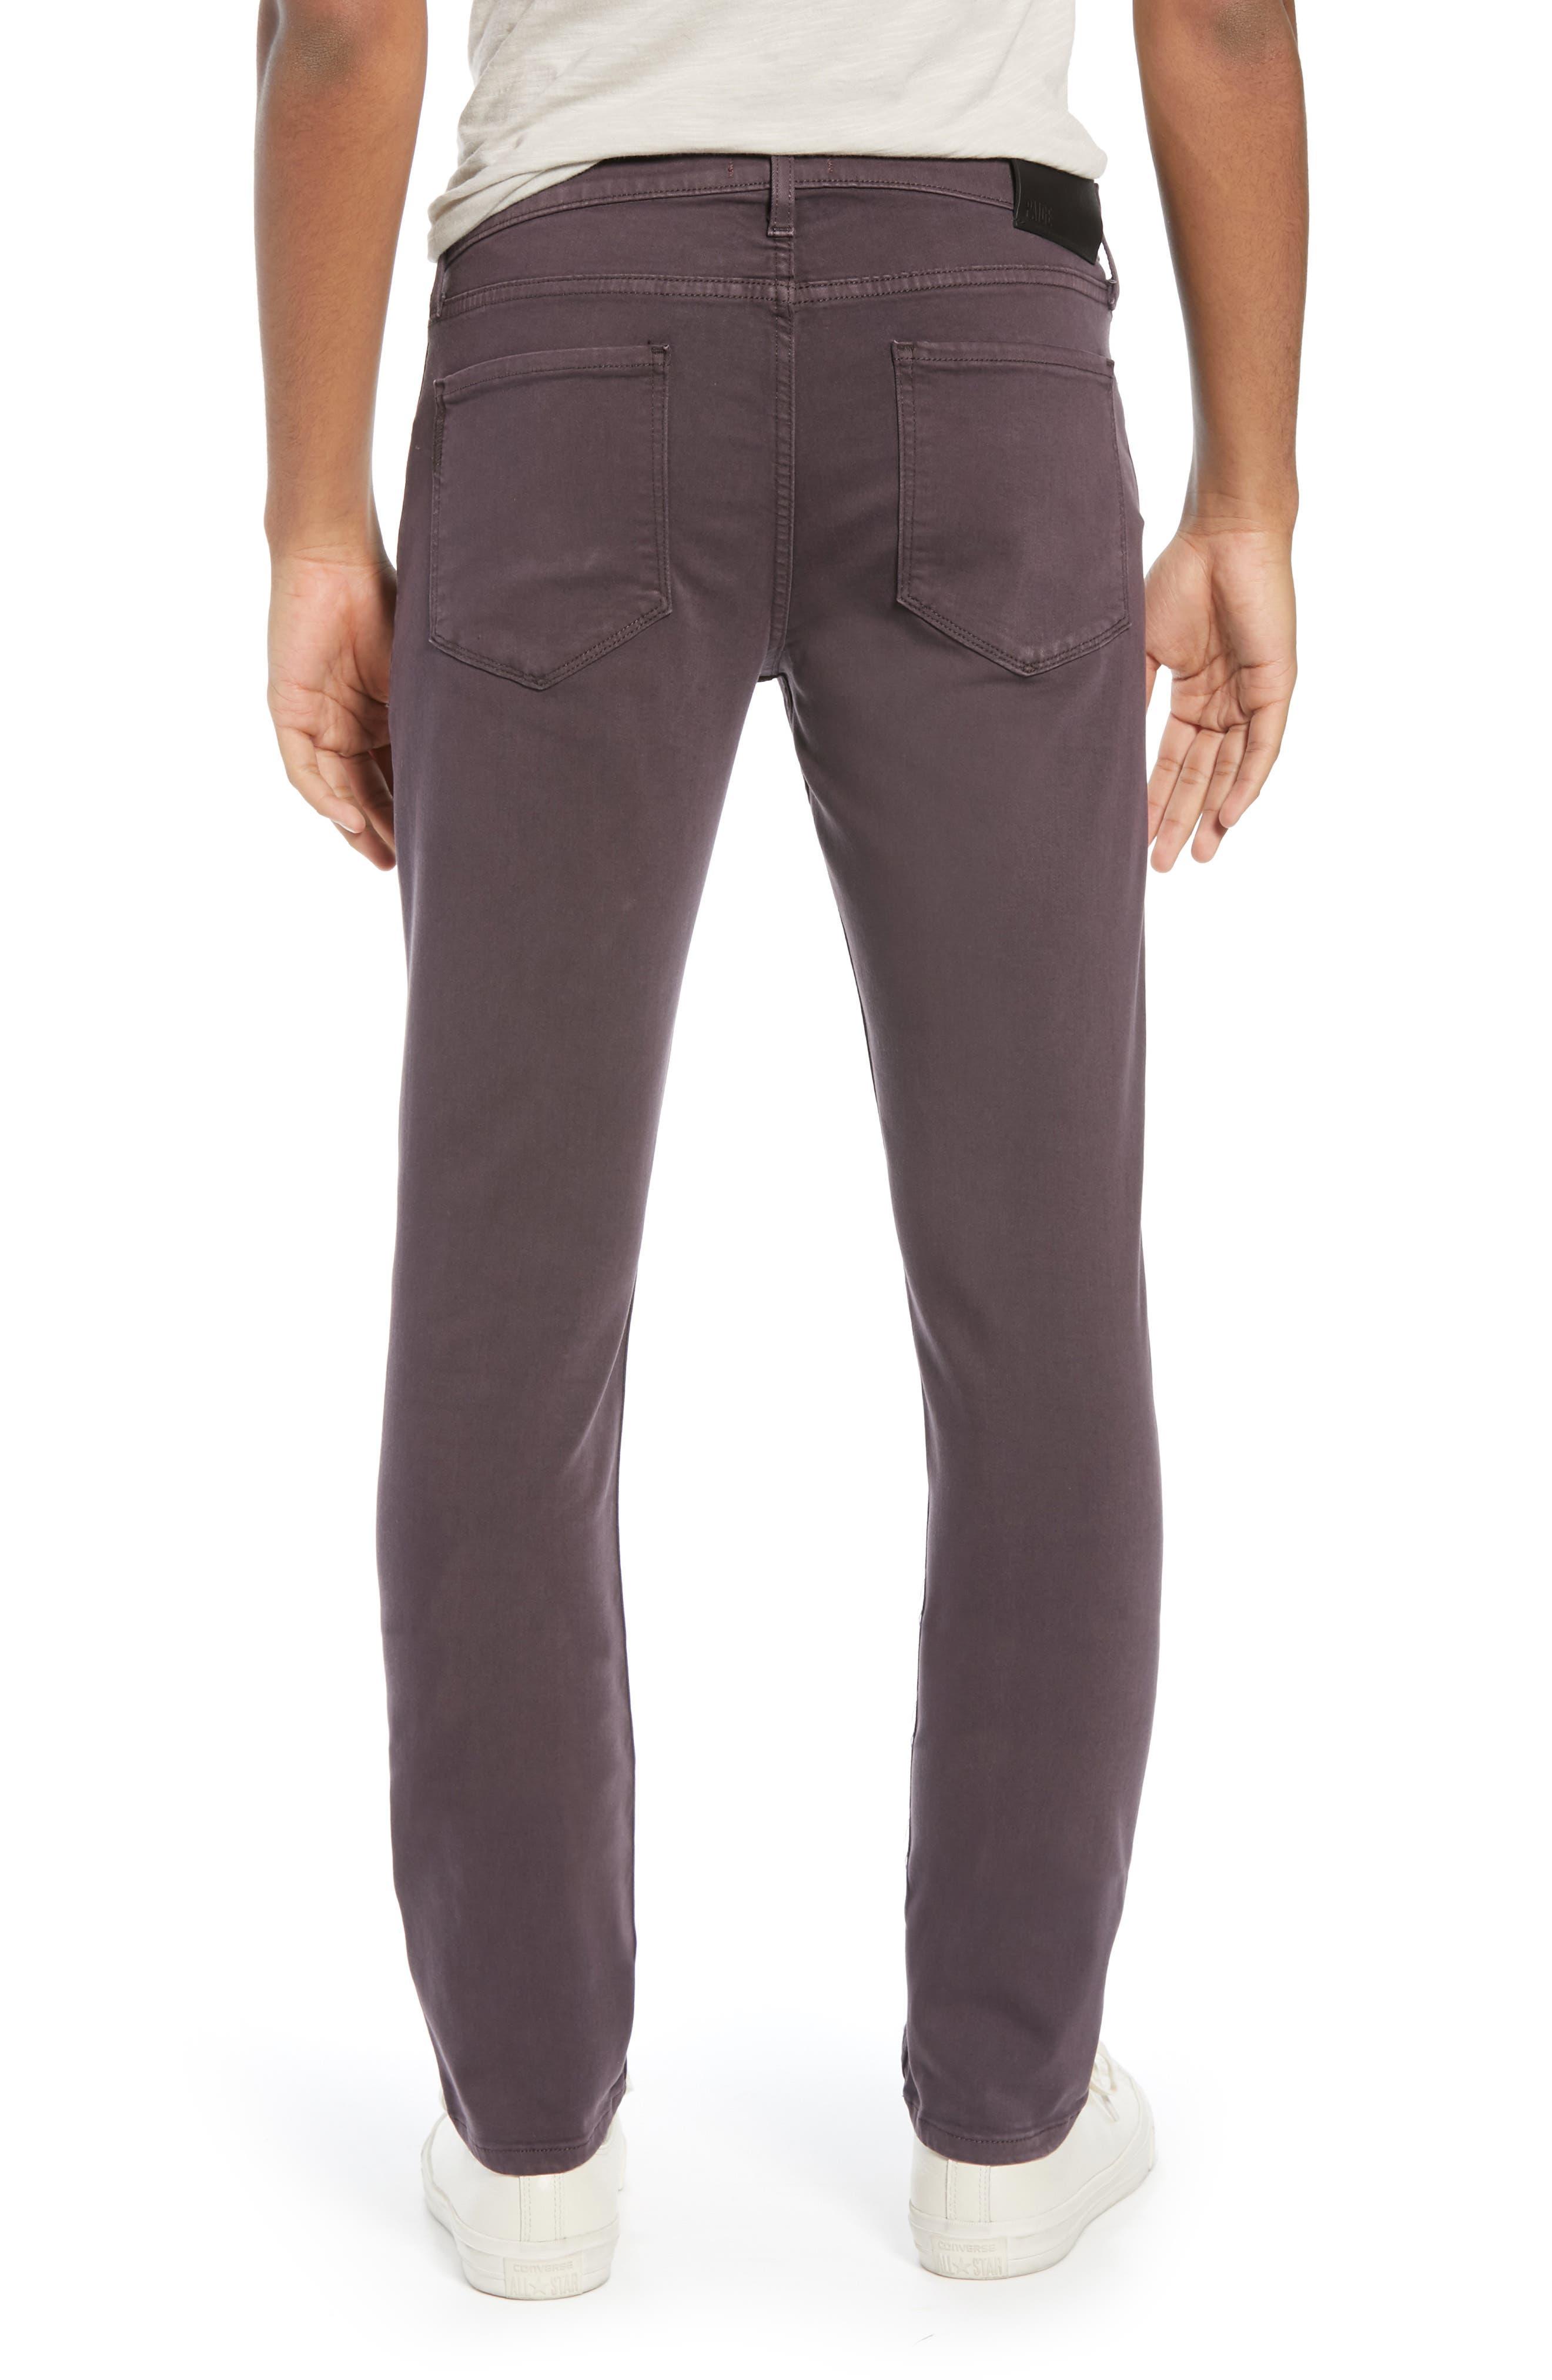 Transcend - Lennox Slim Fit Jeans,                             Alternate thumbnail 2, color,                             VINTAGE PLUM WINE